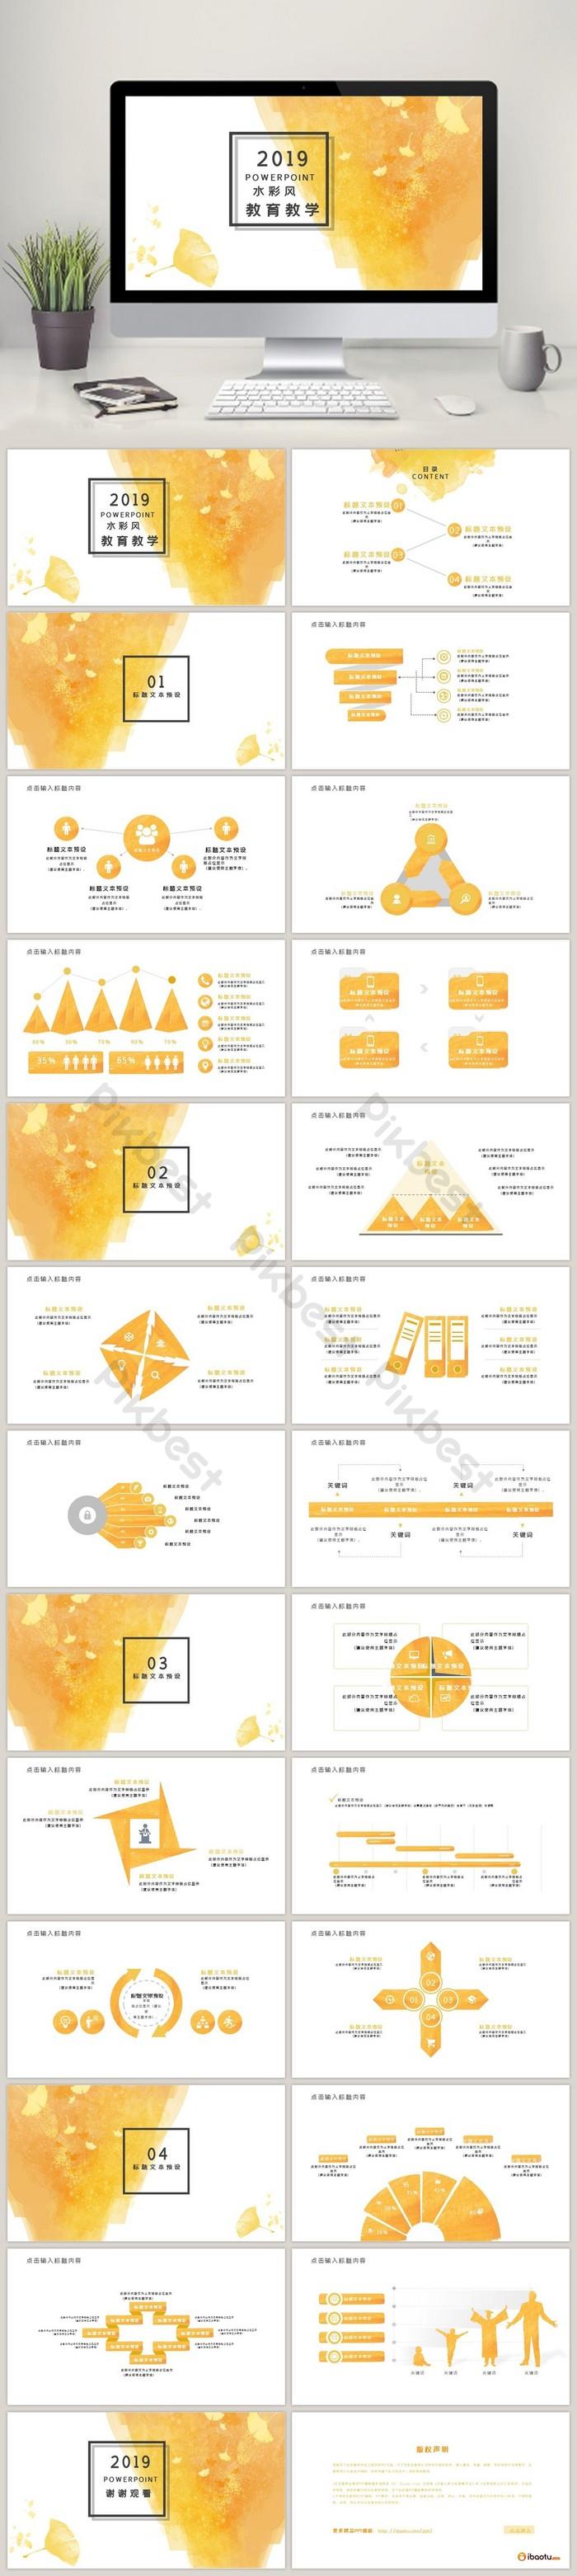 2019柳丁黃色水彩教育教學PPT範本  PPTX PowerPoint素材免費下載 - Pikbest